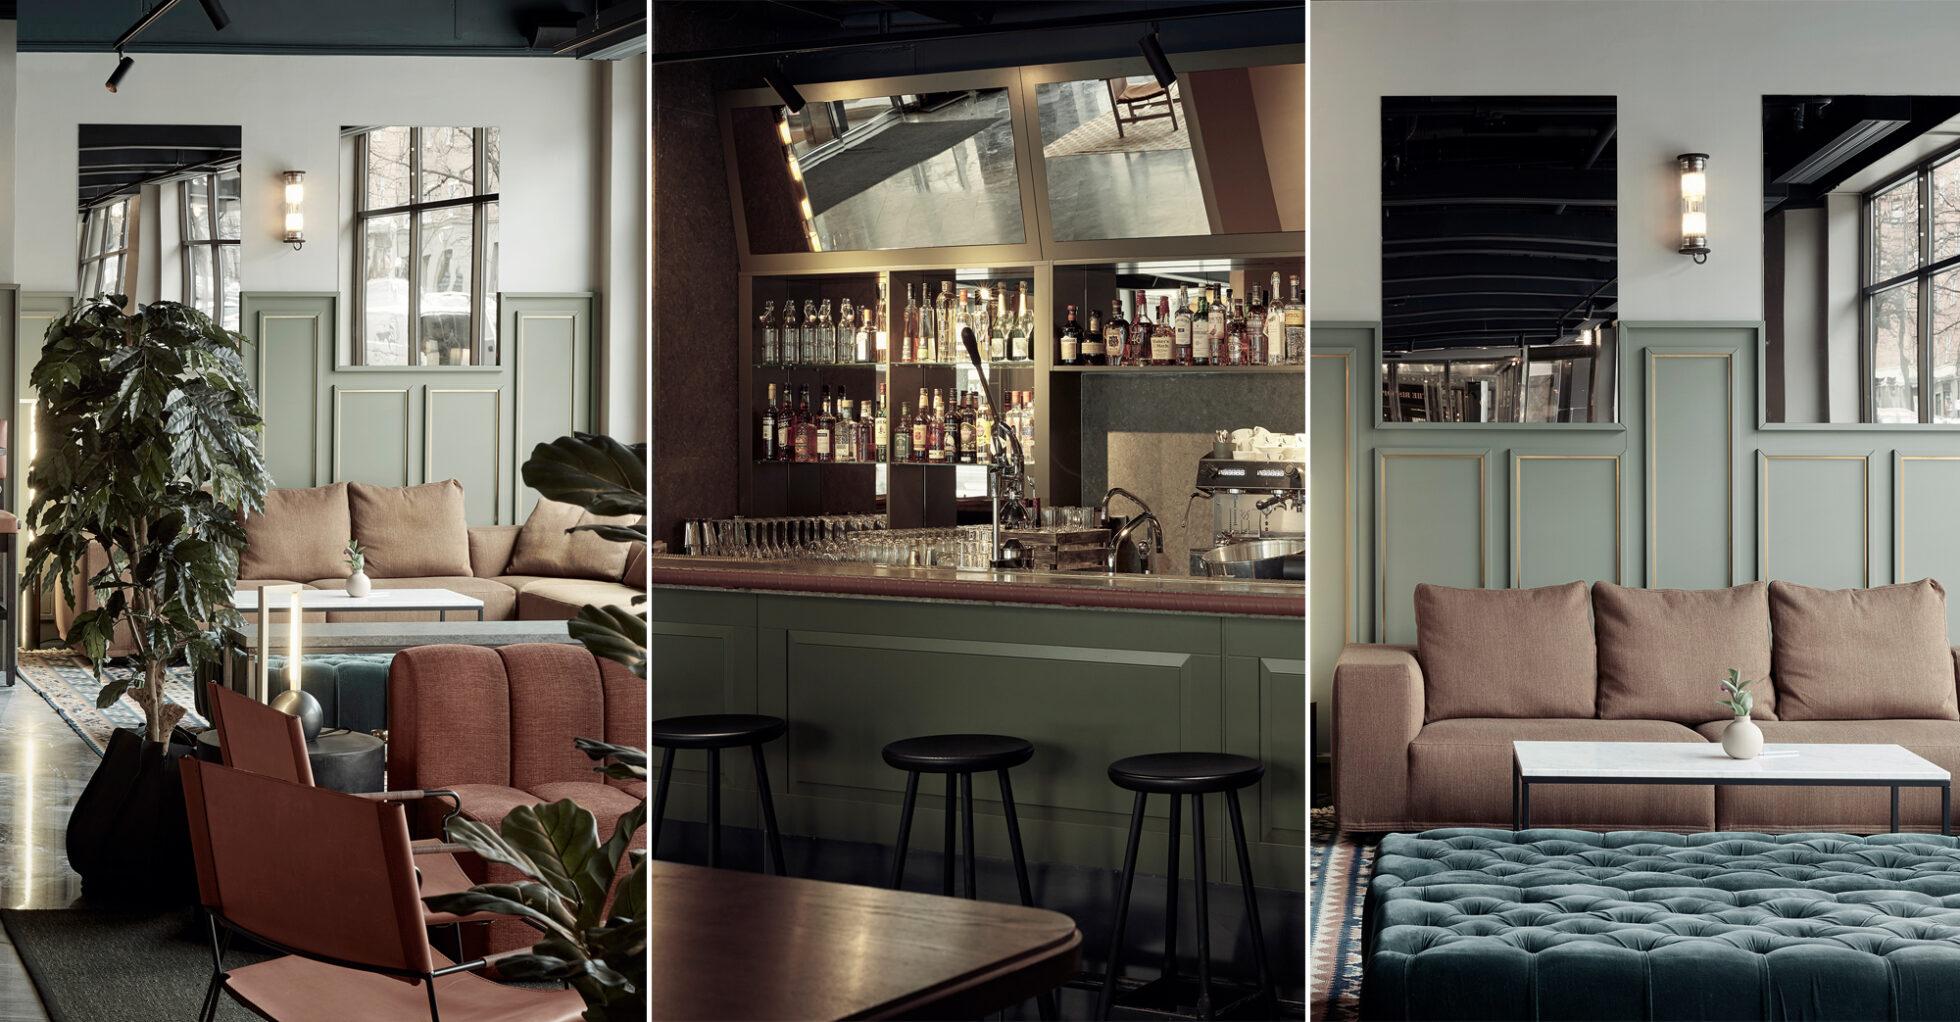 Nu Oppnar Jazz Och Cocktailbaren Bar 115 I Vasastan Residence